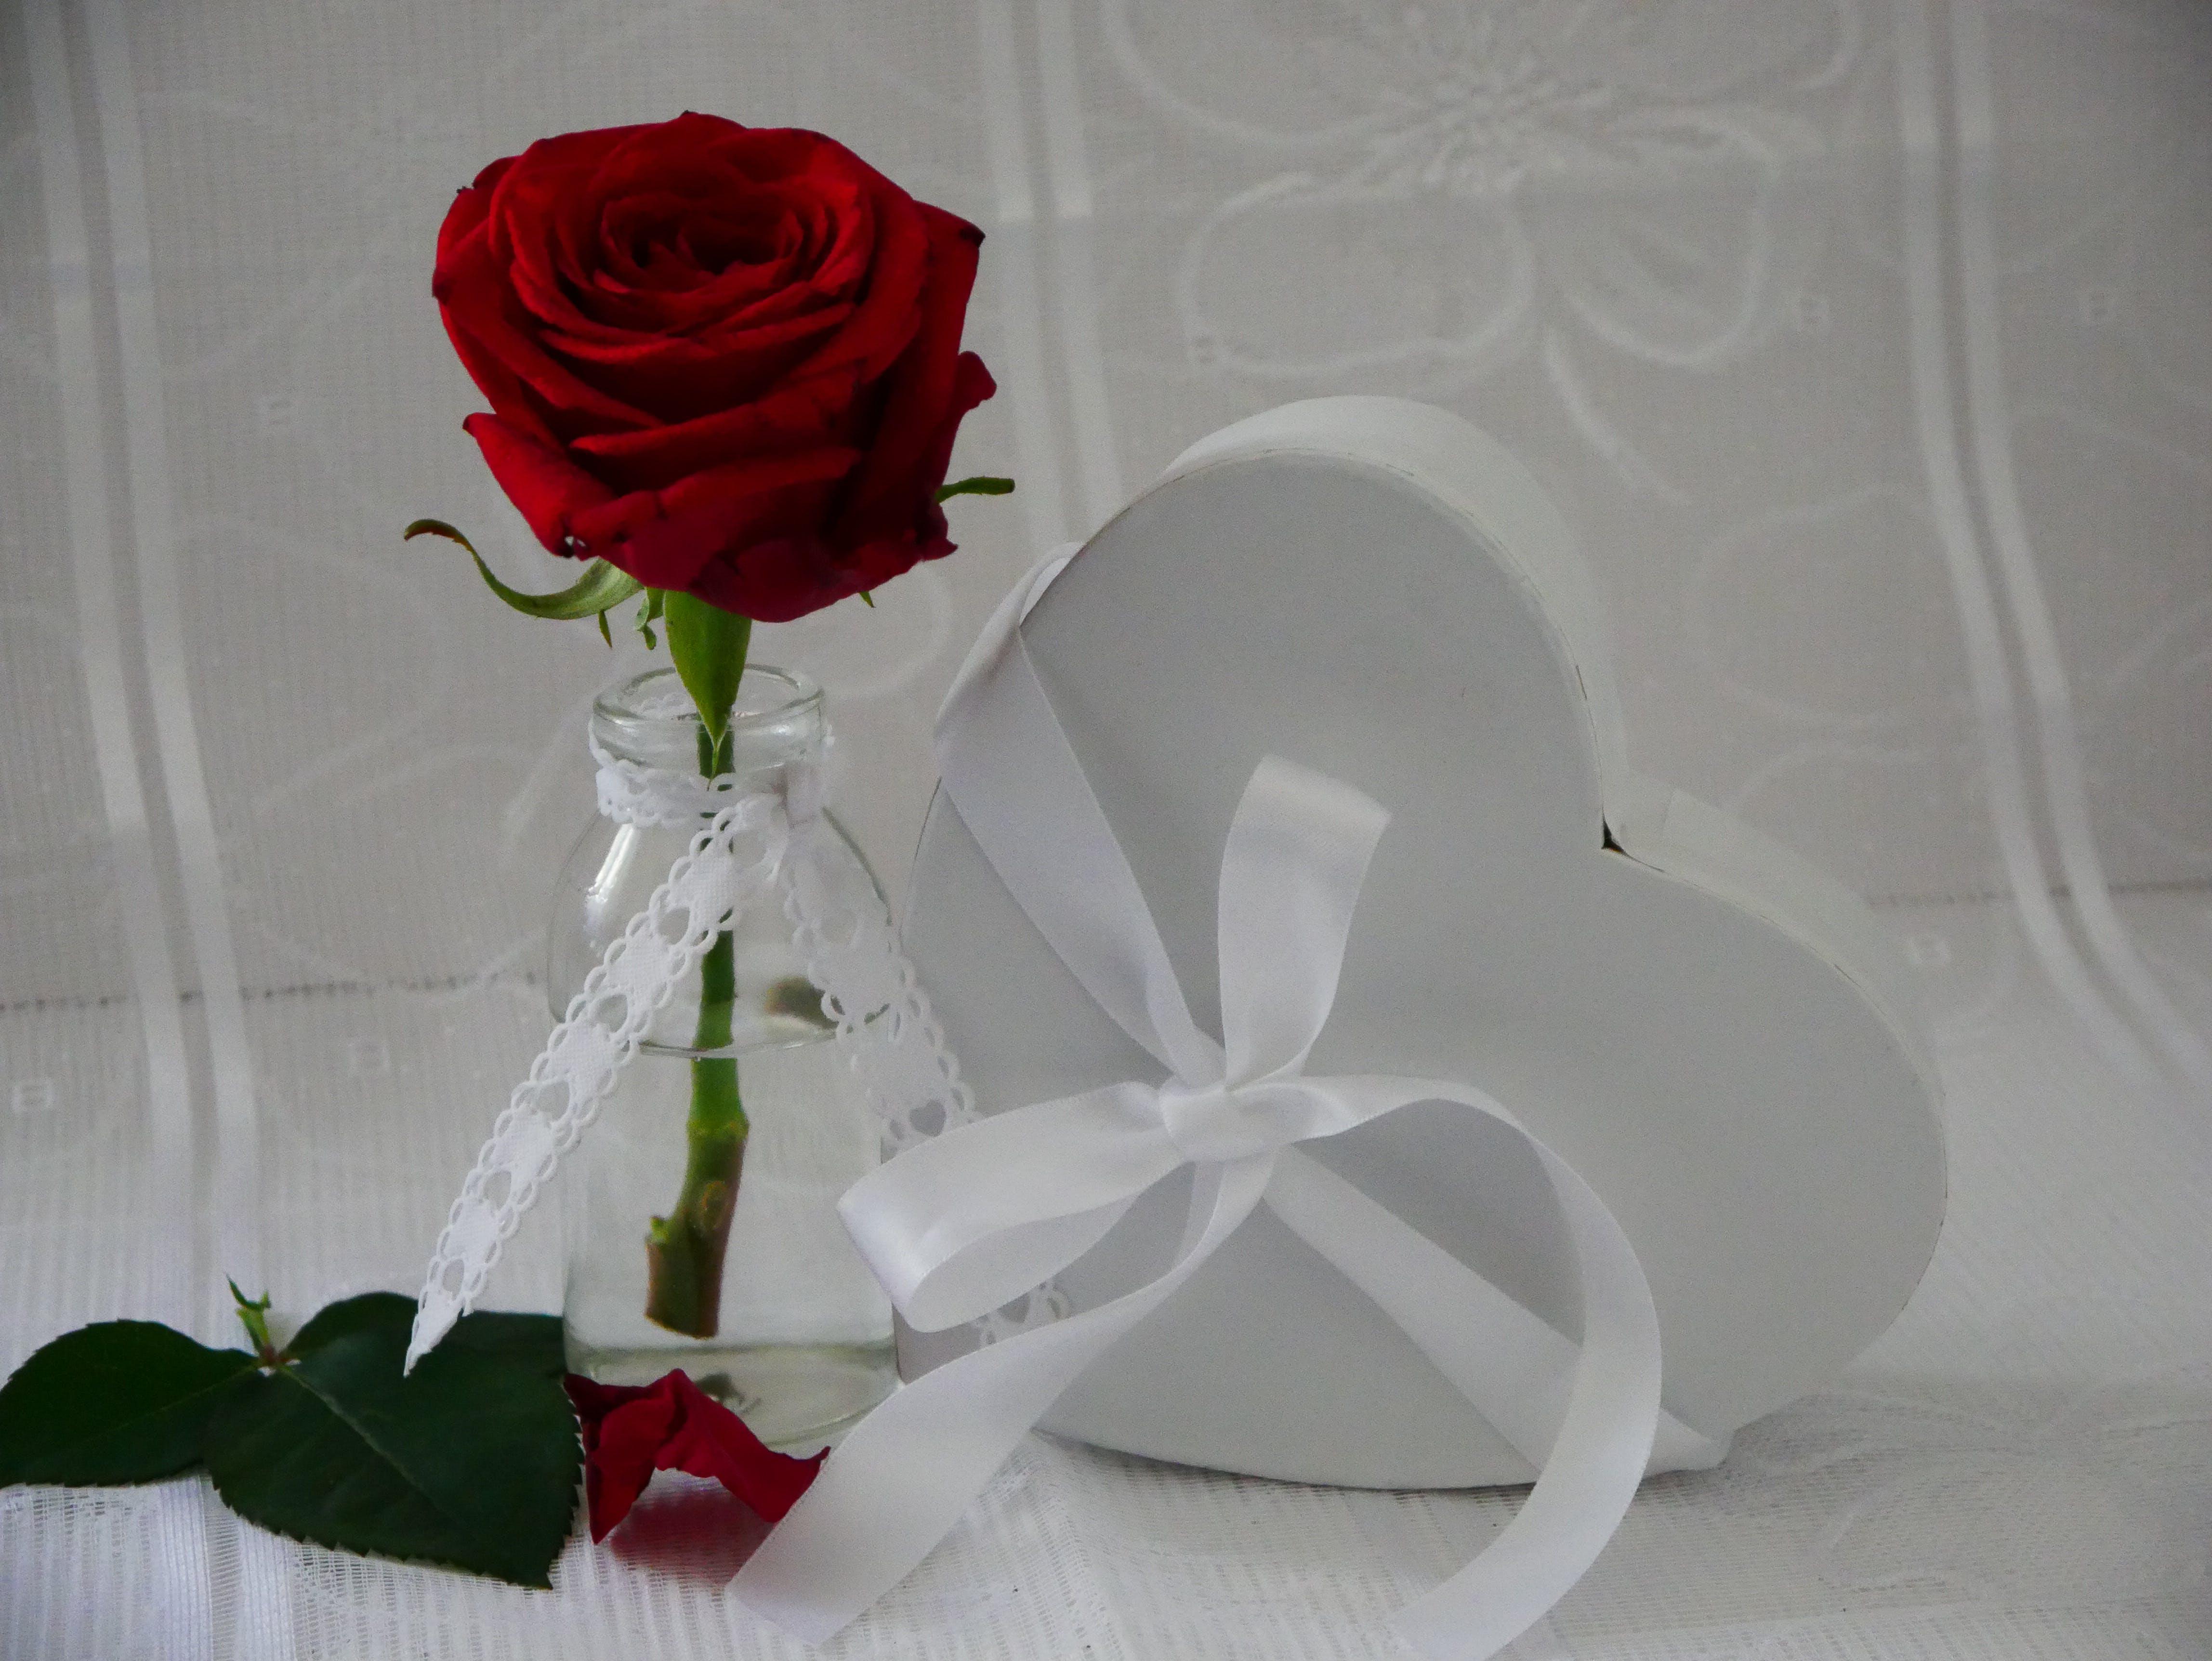 Free stock photo of flower vase, heart, love, rose